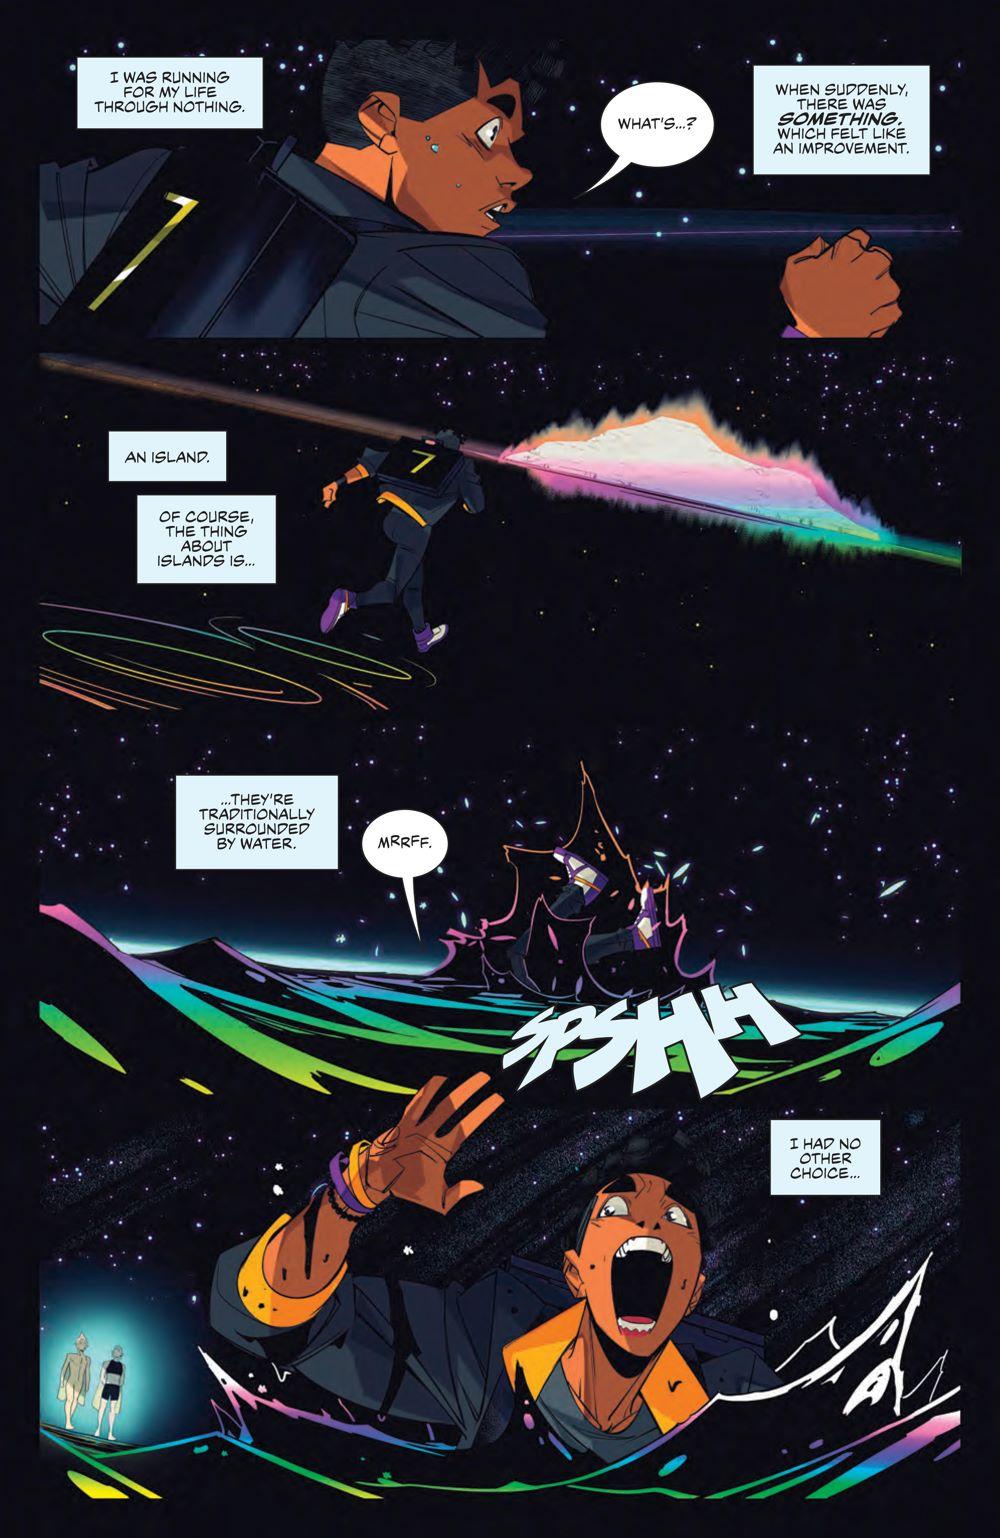 SevenSecrets_007_PRESS_5 ComicList Previews: SEVEN SECRETS #7